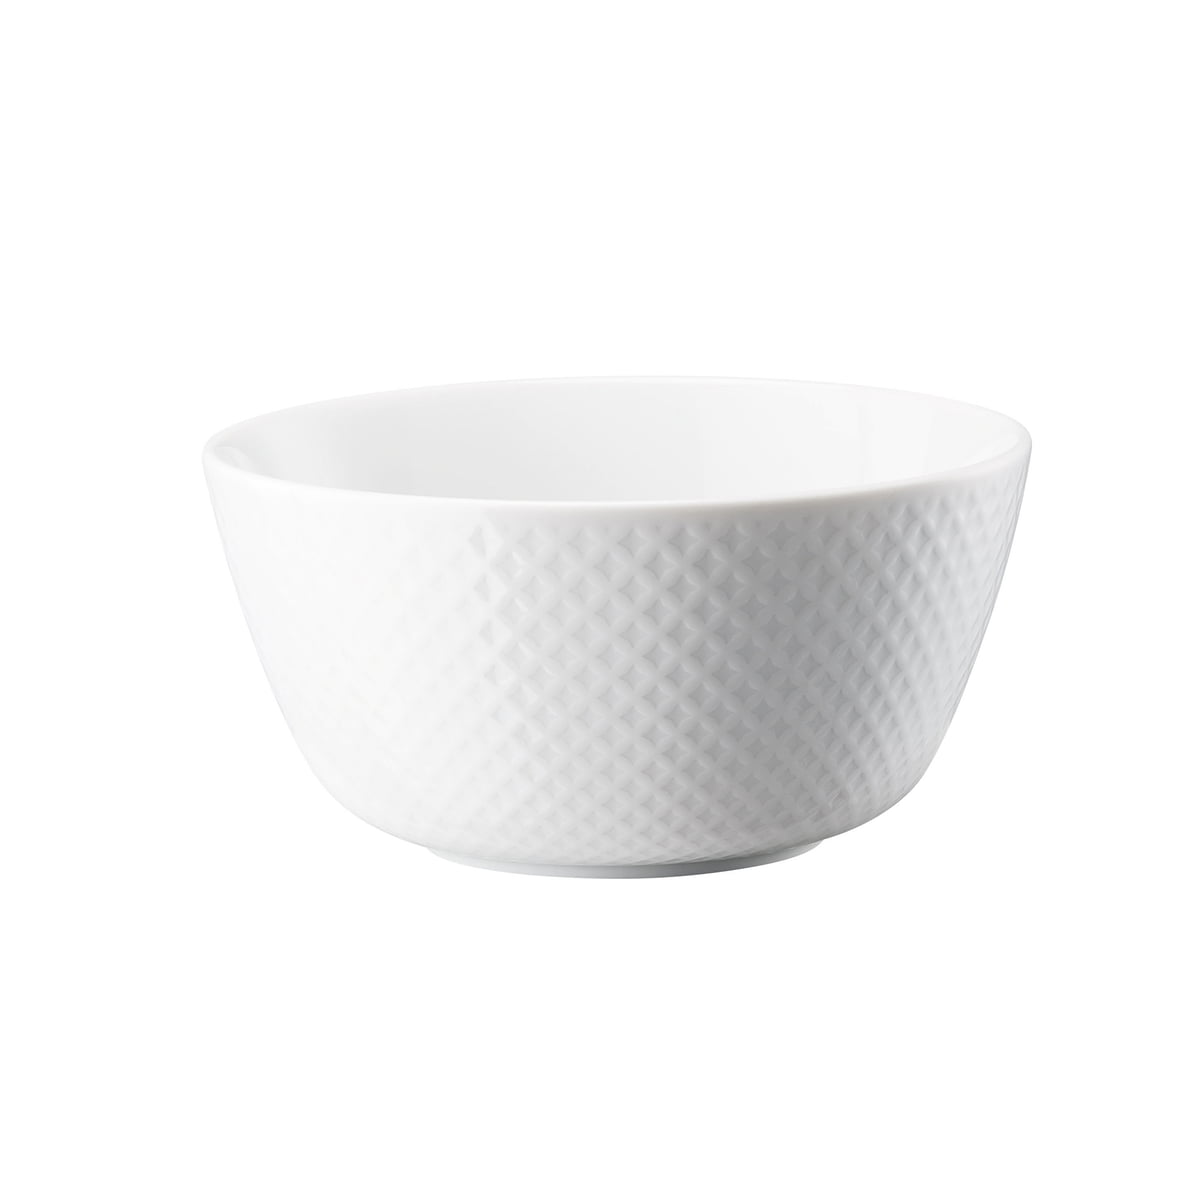 Rosenthal - Junto Müslischale, 14 cm / weiß